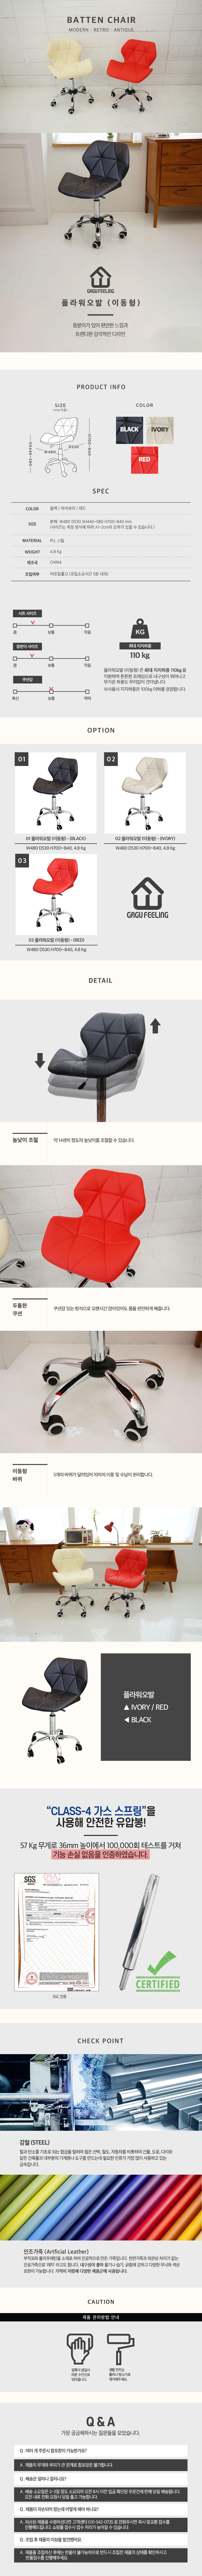 [가구느낌] 플라워오발(이동형) 홈바 바퀴의자 - 가구느낌, 44,900원, 디자인 의자, 바의자